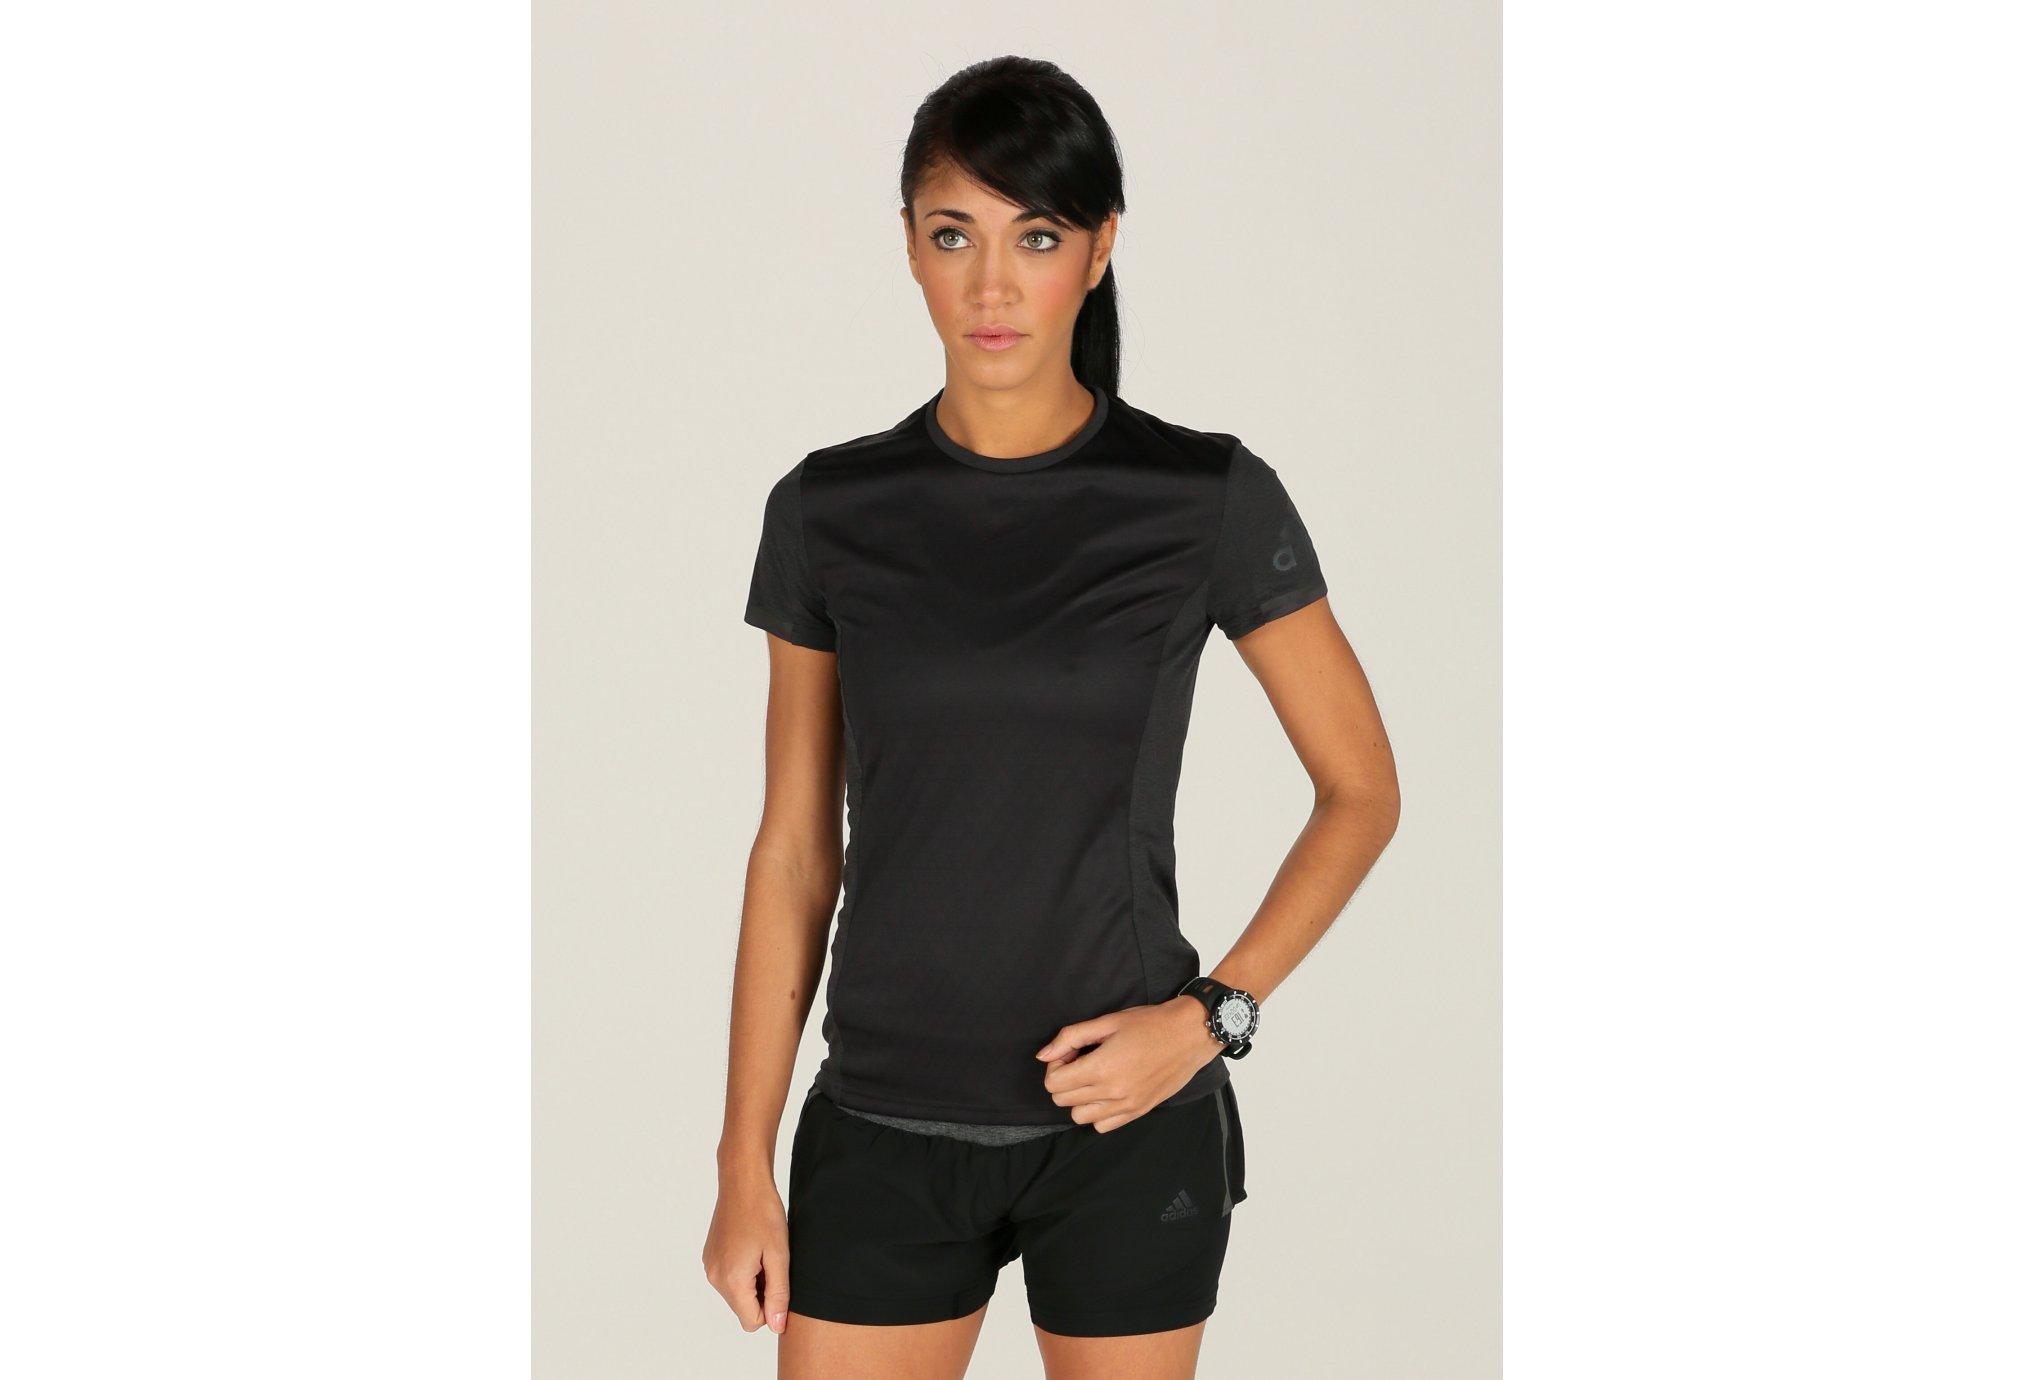 adidas Tee-shirt Supernova ClimaChill W vêtement running femme